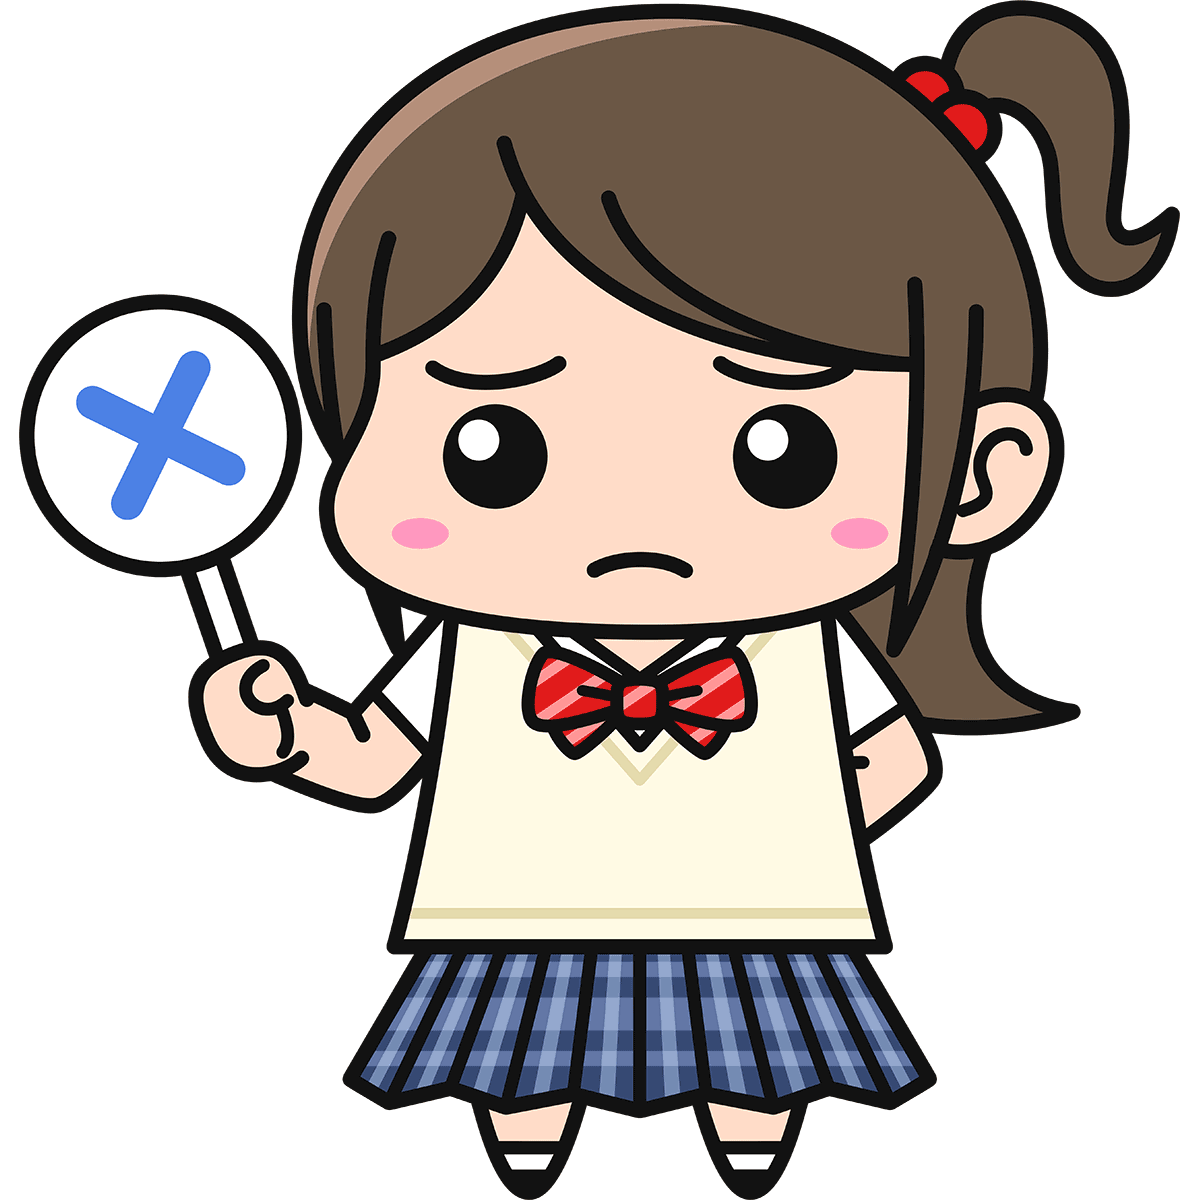 女子高生(不正解/ブレザー)の無料イラスト